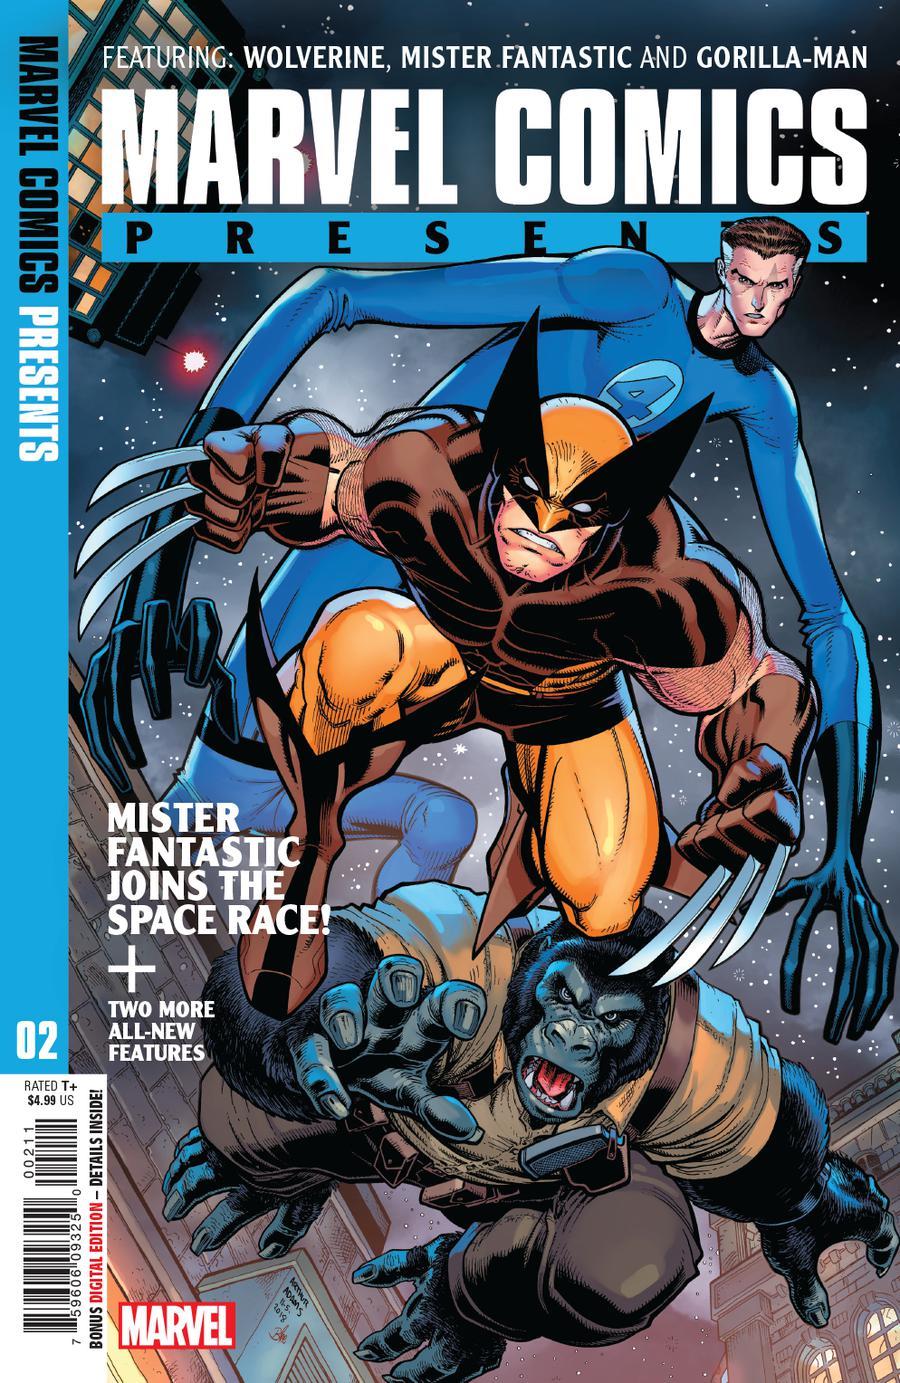 Marvel Comics Presents Vol 3 #2 Cover A 1st Ptg Regular Arthur Adams Cover